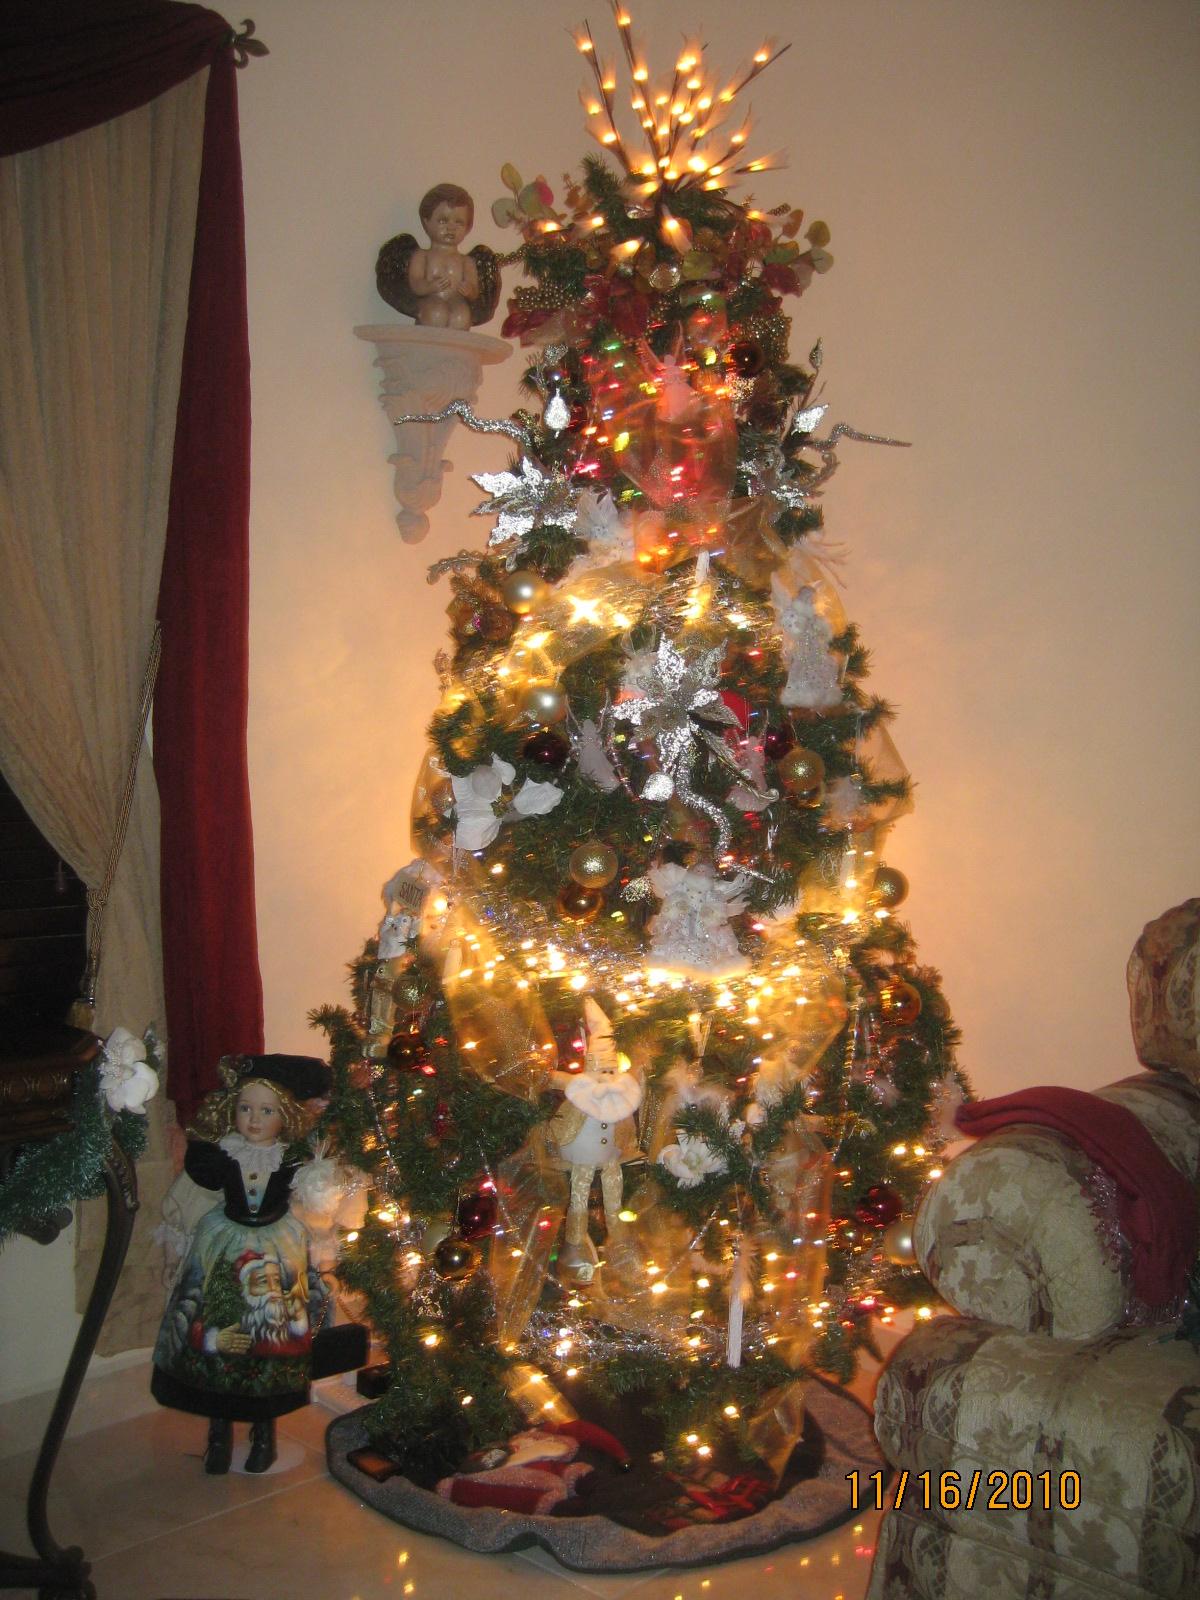 Mis tejidos y algo mas arbol de navidad 2010 - Como poner el arbol de navidad ...